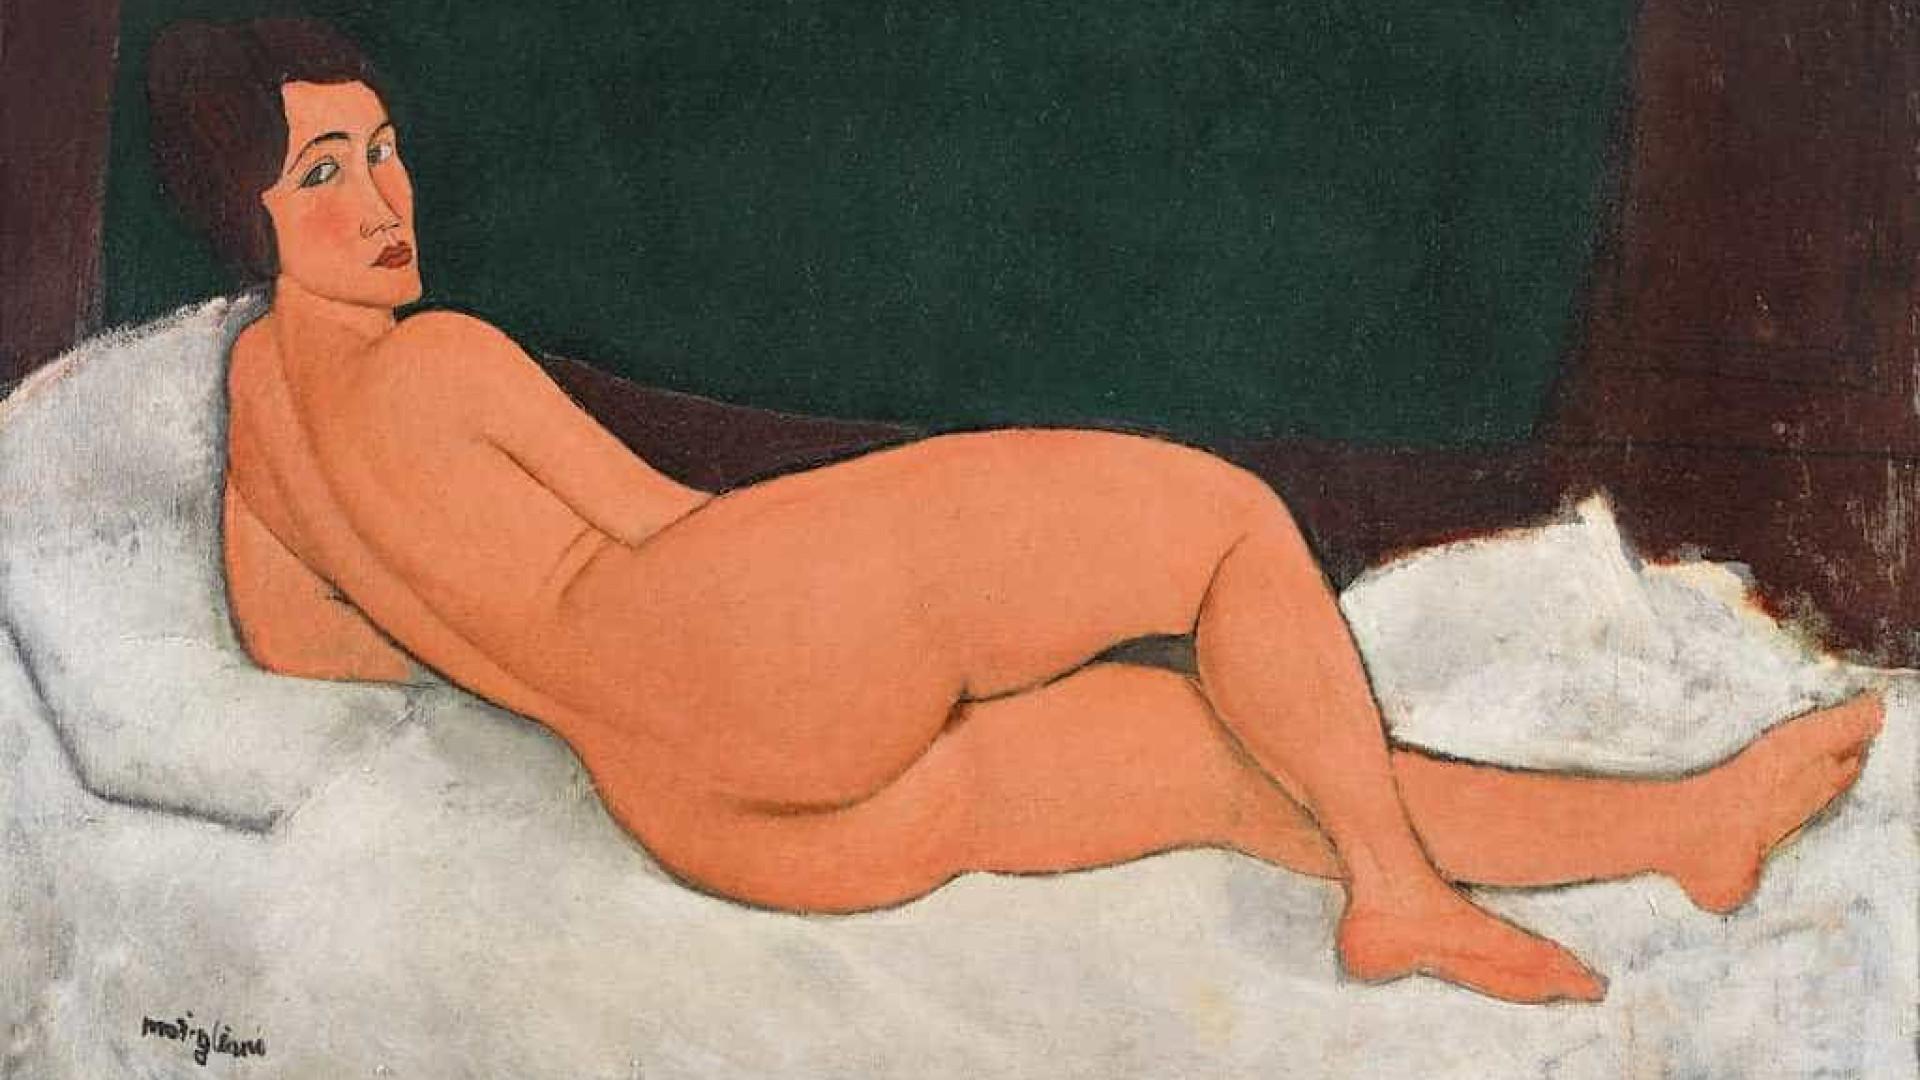 Quadro de Modigliani é leiloado por valor recorde